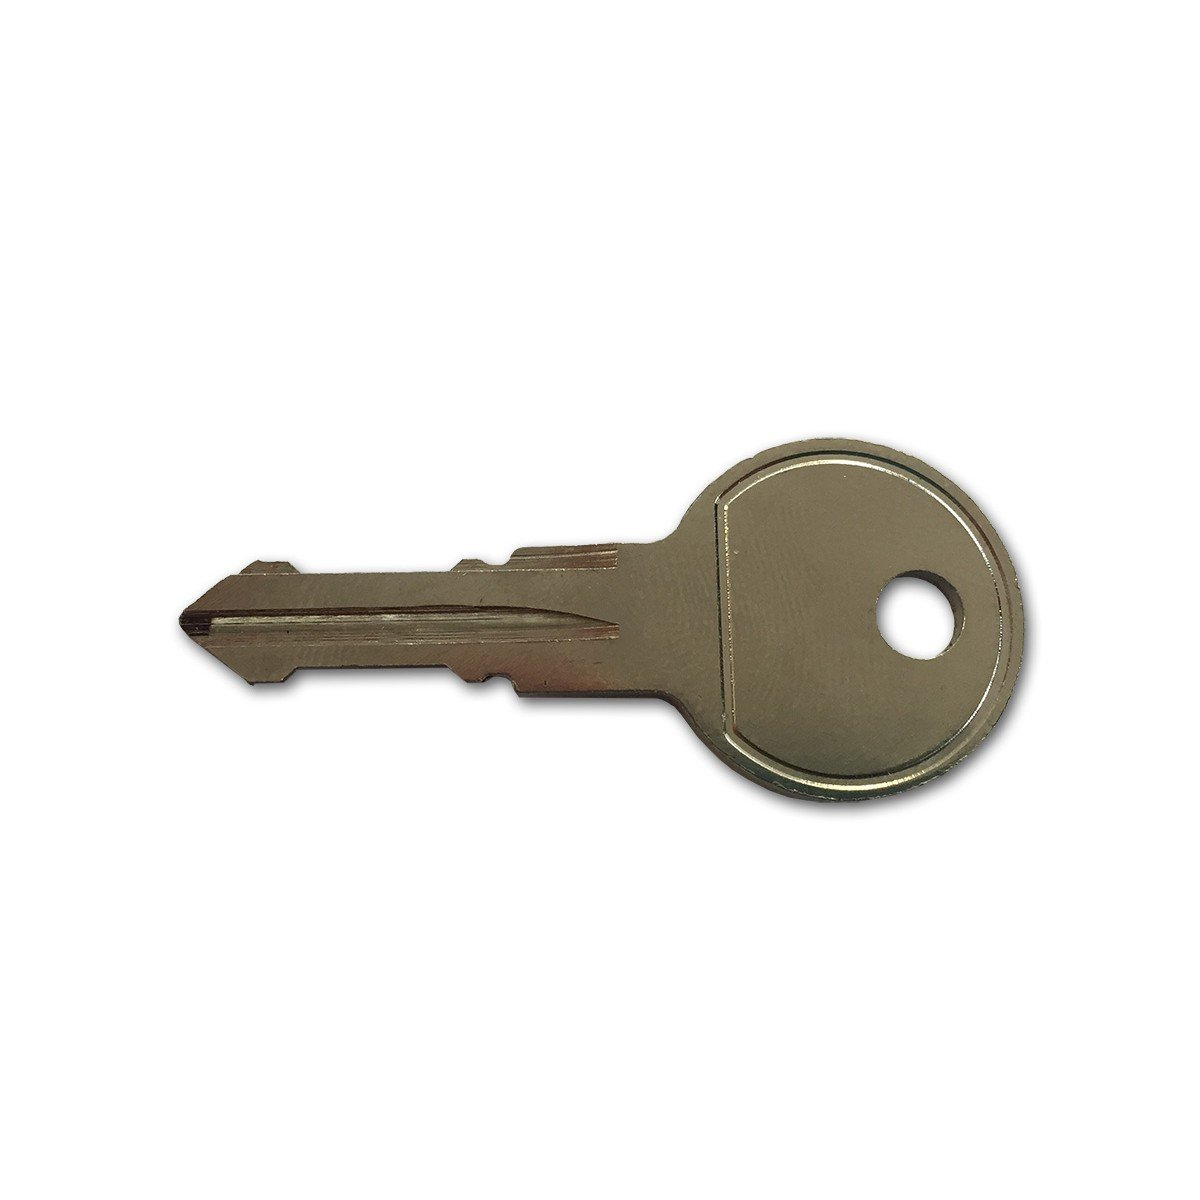 Thule Replacement Key x 1 (N001-N250) Genuine Part Not Copy INBOX US THE KEY NUMBER